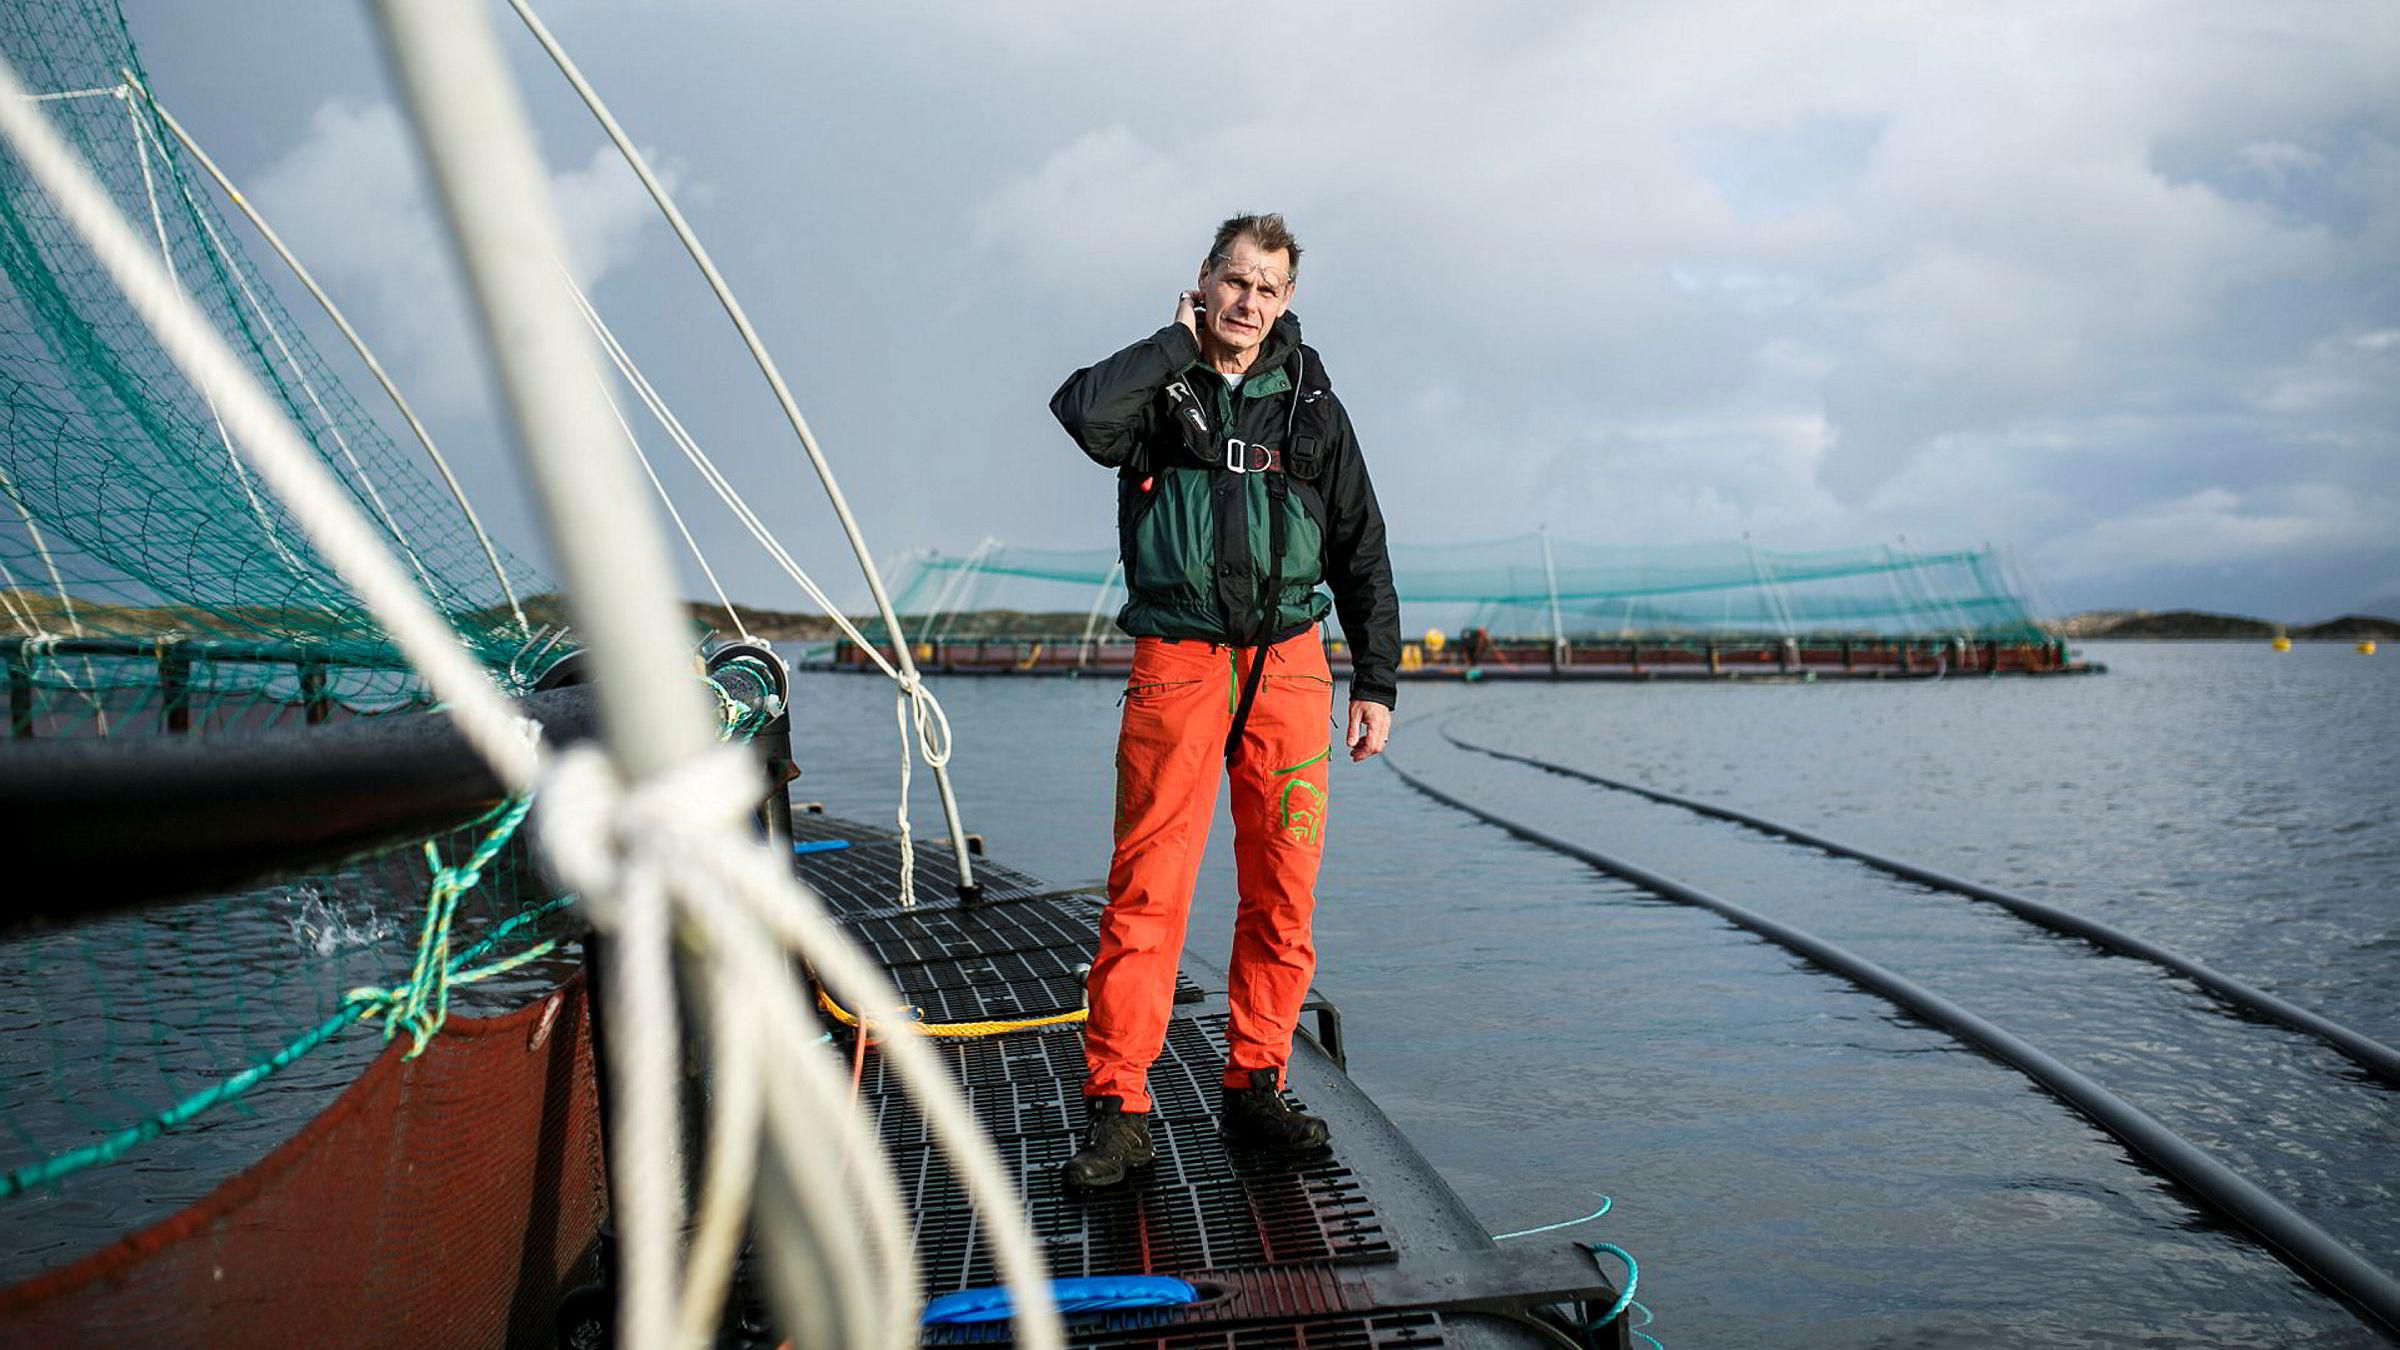 Laksegründer Ola Braanaas tror ikke havbruksnæringen når målet om mangedobling av produksjonen innen 2050.